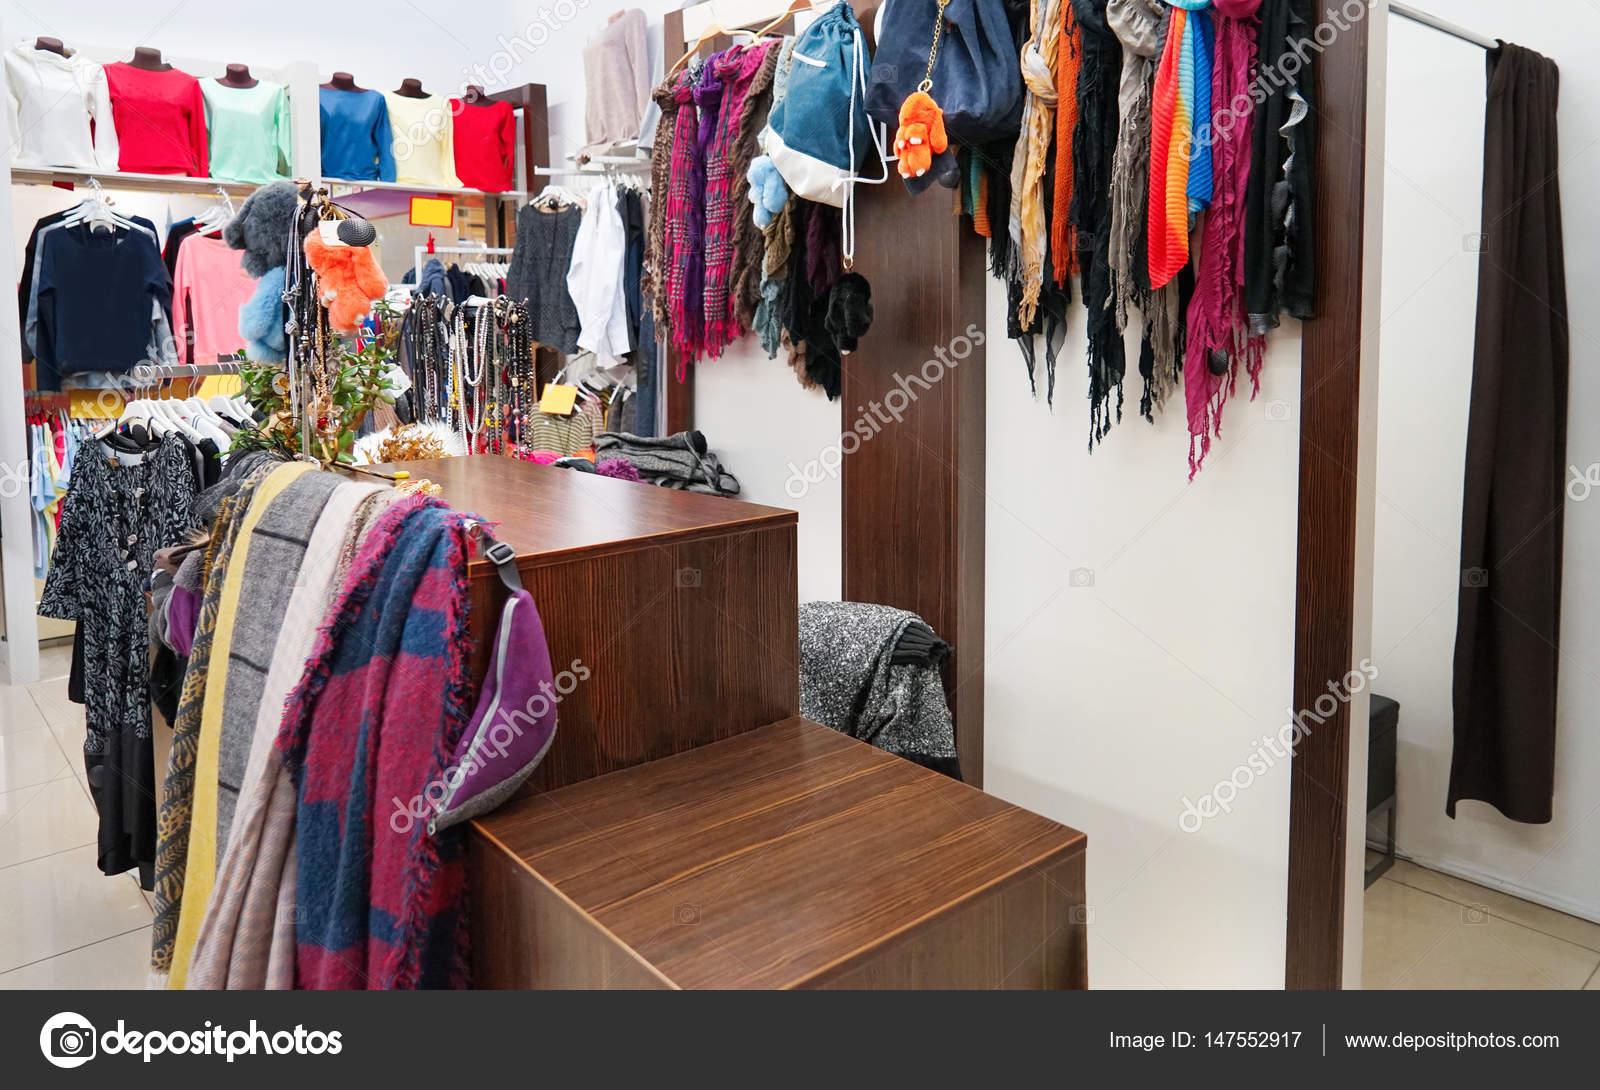 8a27d8b96c4144 kleding in moderne winkel — Stockfoto © belchonock  147552917